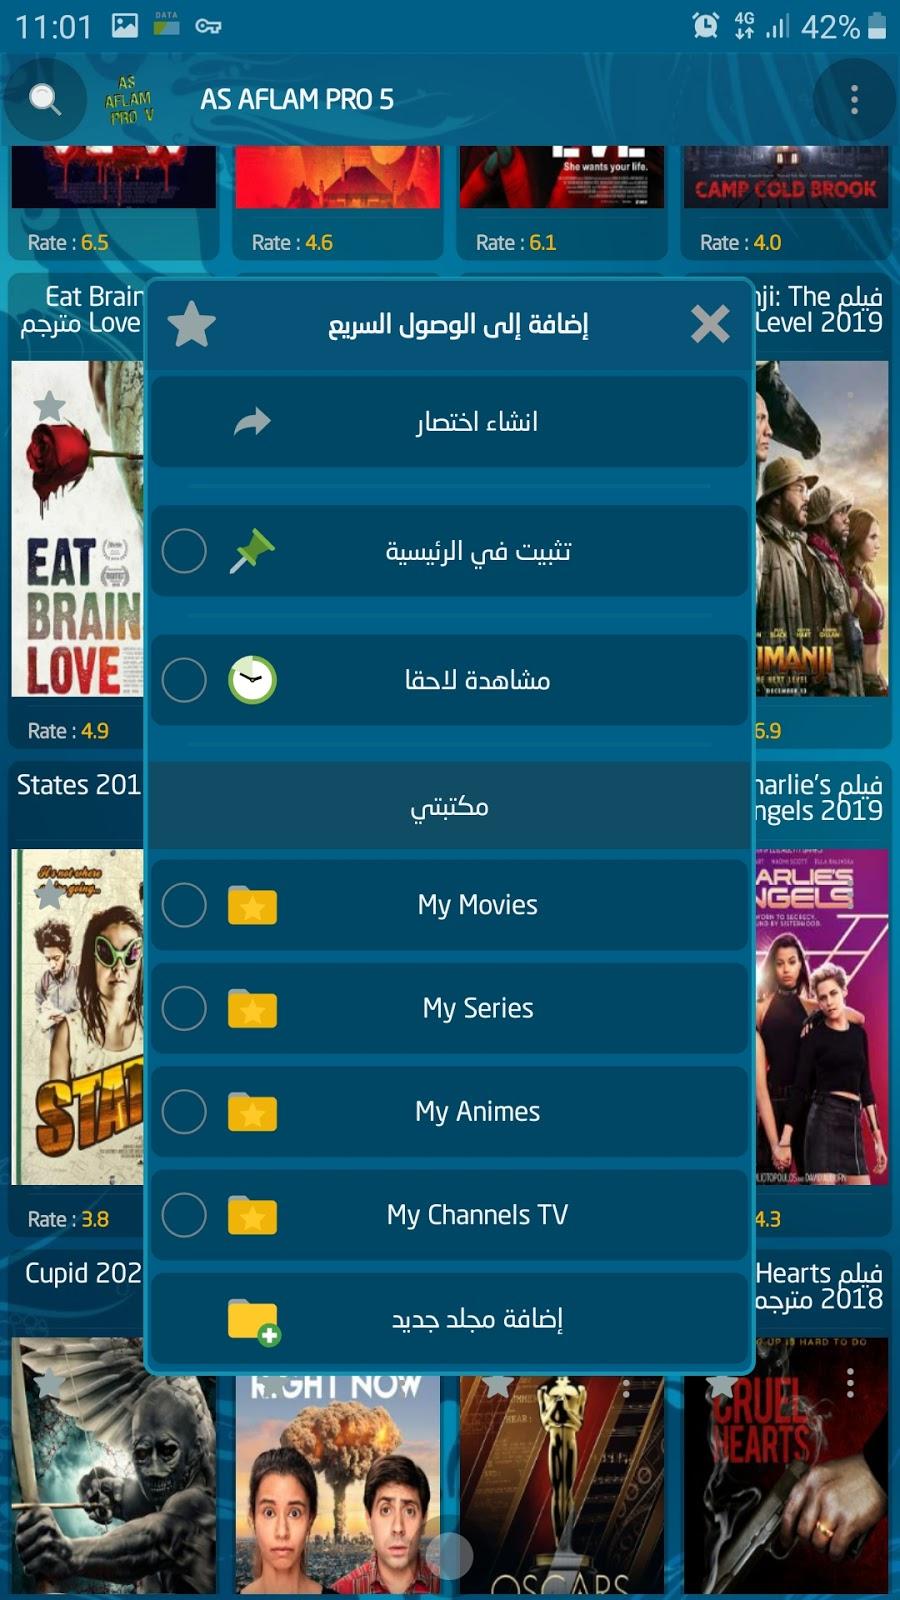 النسخة الاخيرة من تطبيق elmubashir لمشاهدة الأفلام و القنوات على اي جهاز أندرويد